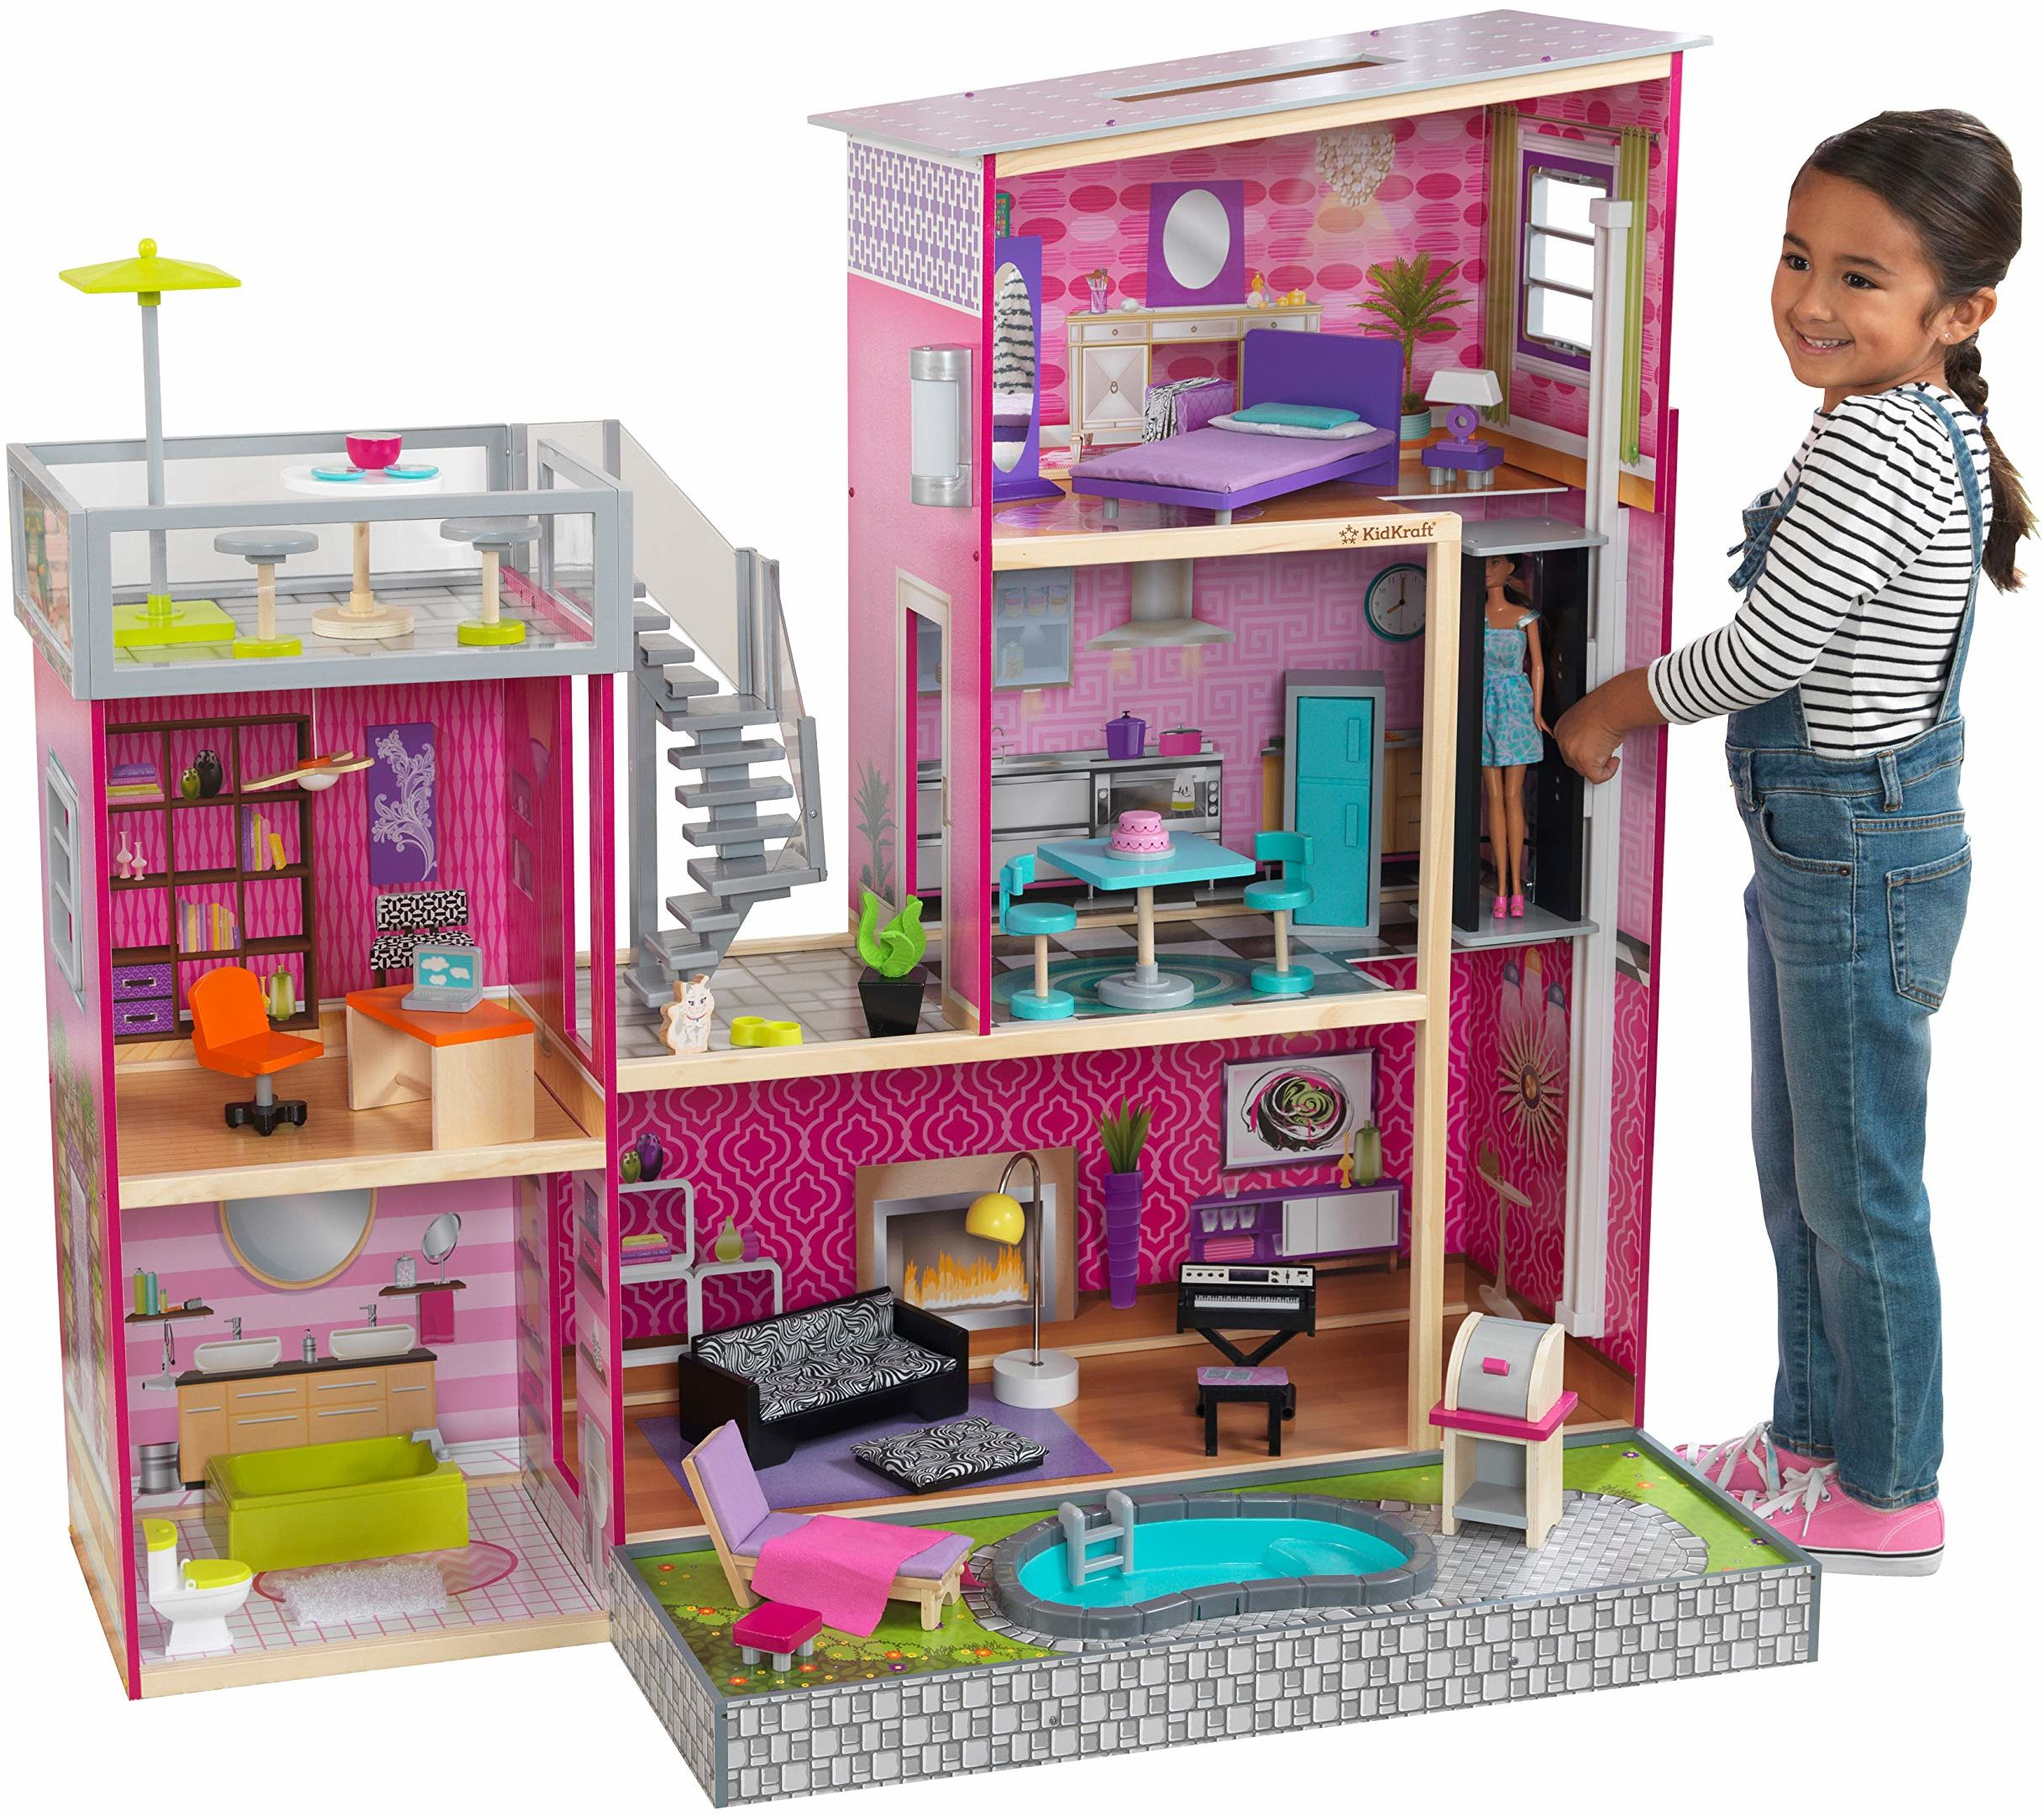 KidKraft 65833 Uptown domek dla lalek z drewna, różowy